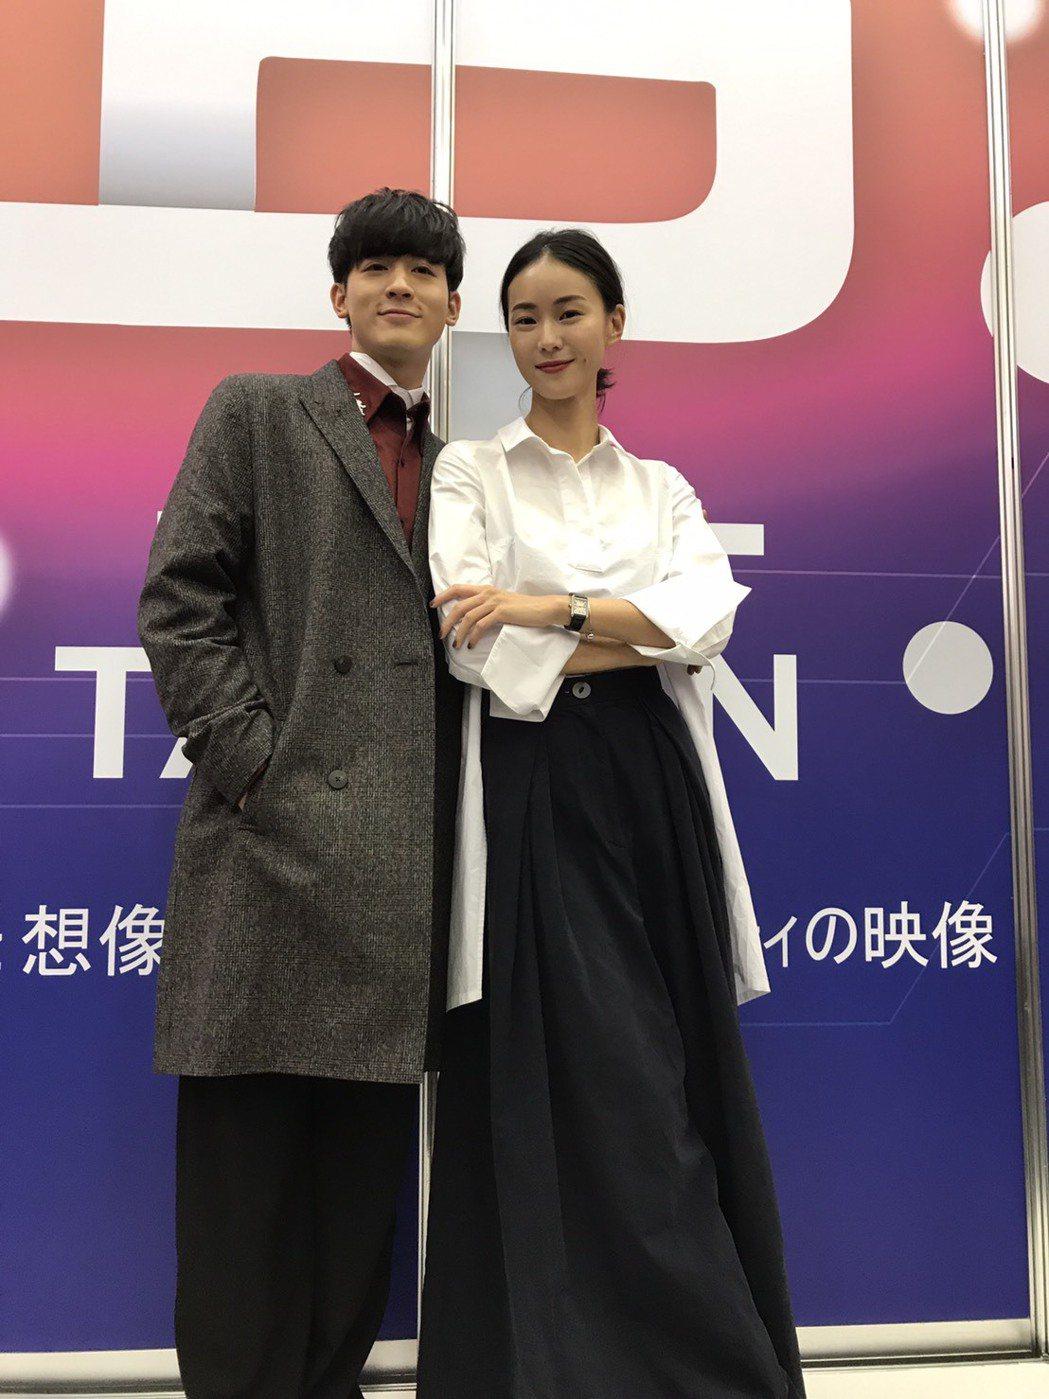 鍾瑤(右)和吳思賢出席東京電視節,為三立新戲「姊的時代」造勢。記者楊起鳳/攝影